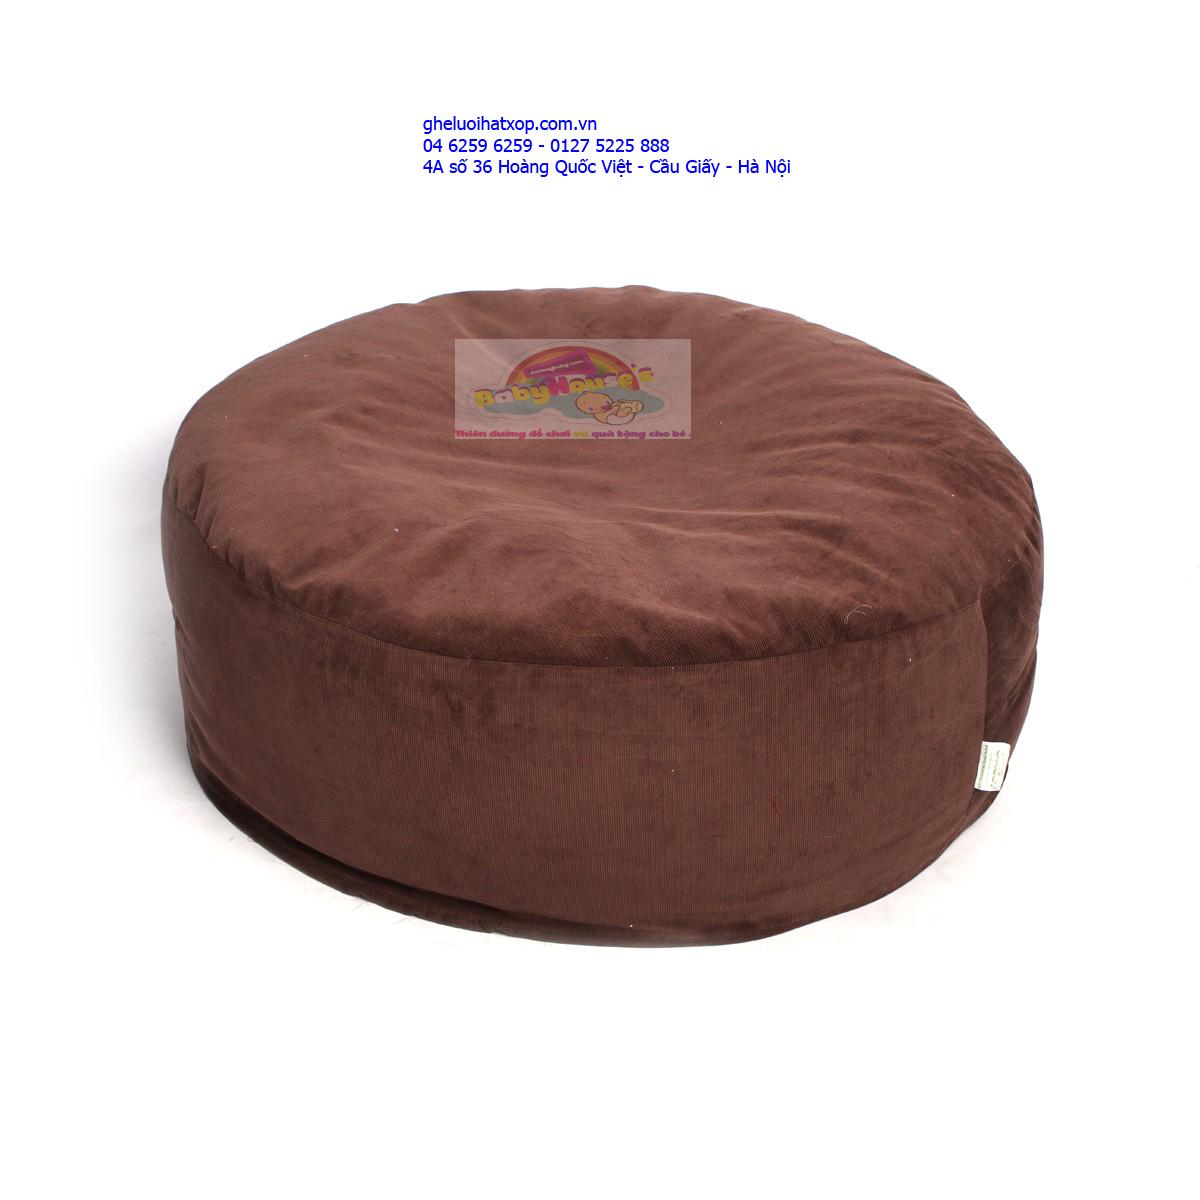 Ghế lười| ghế lười hạt xốp giá rẻ Hà Nội